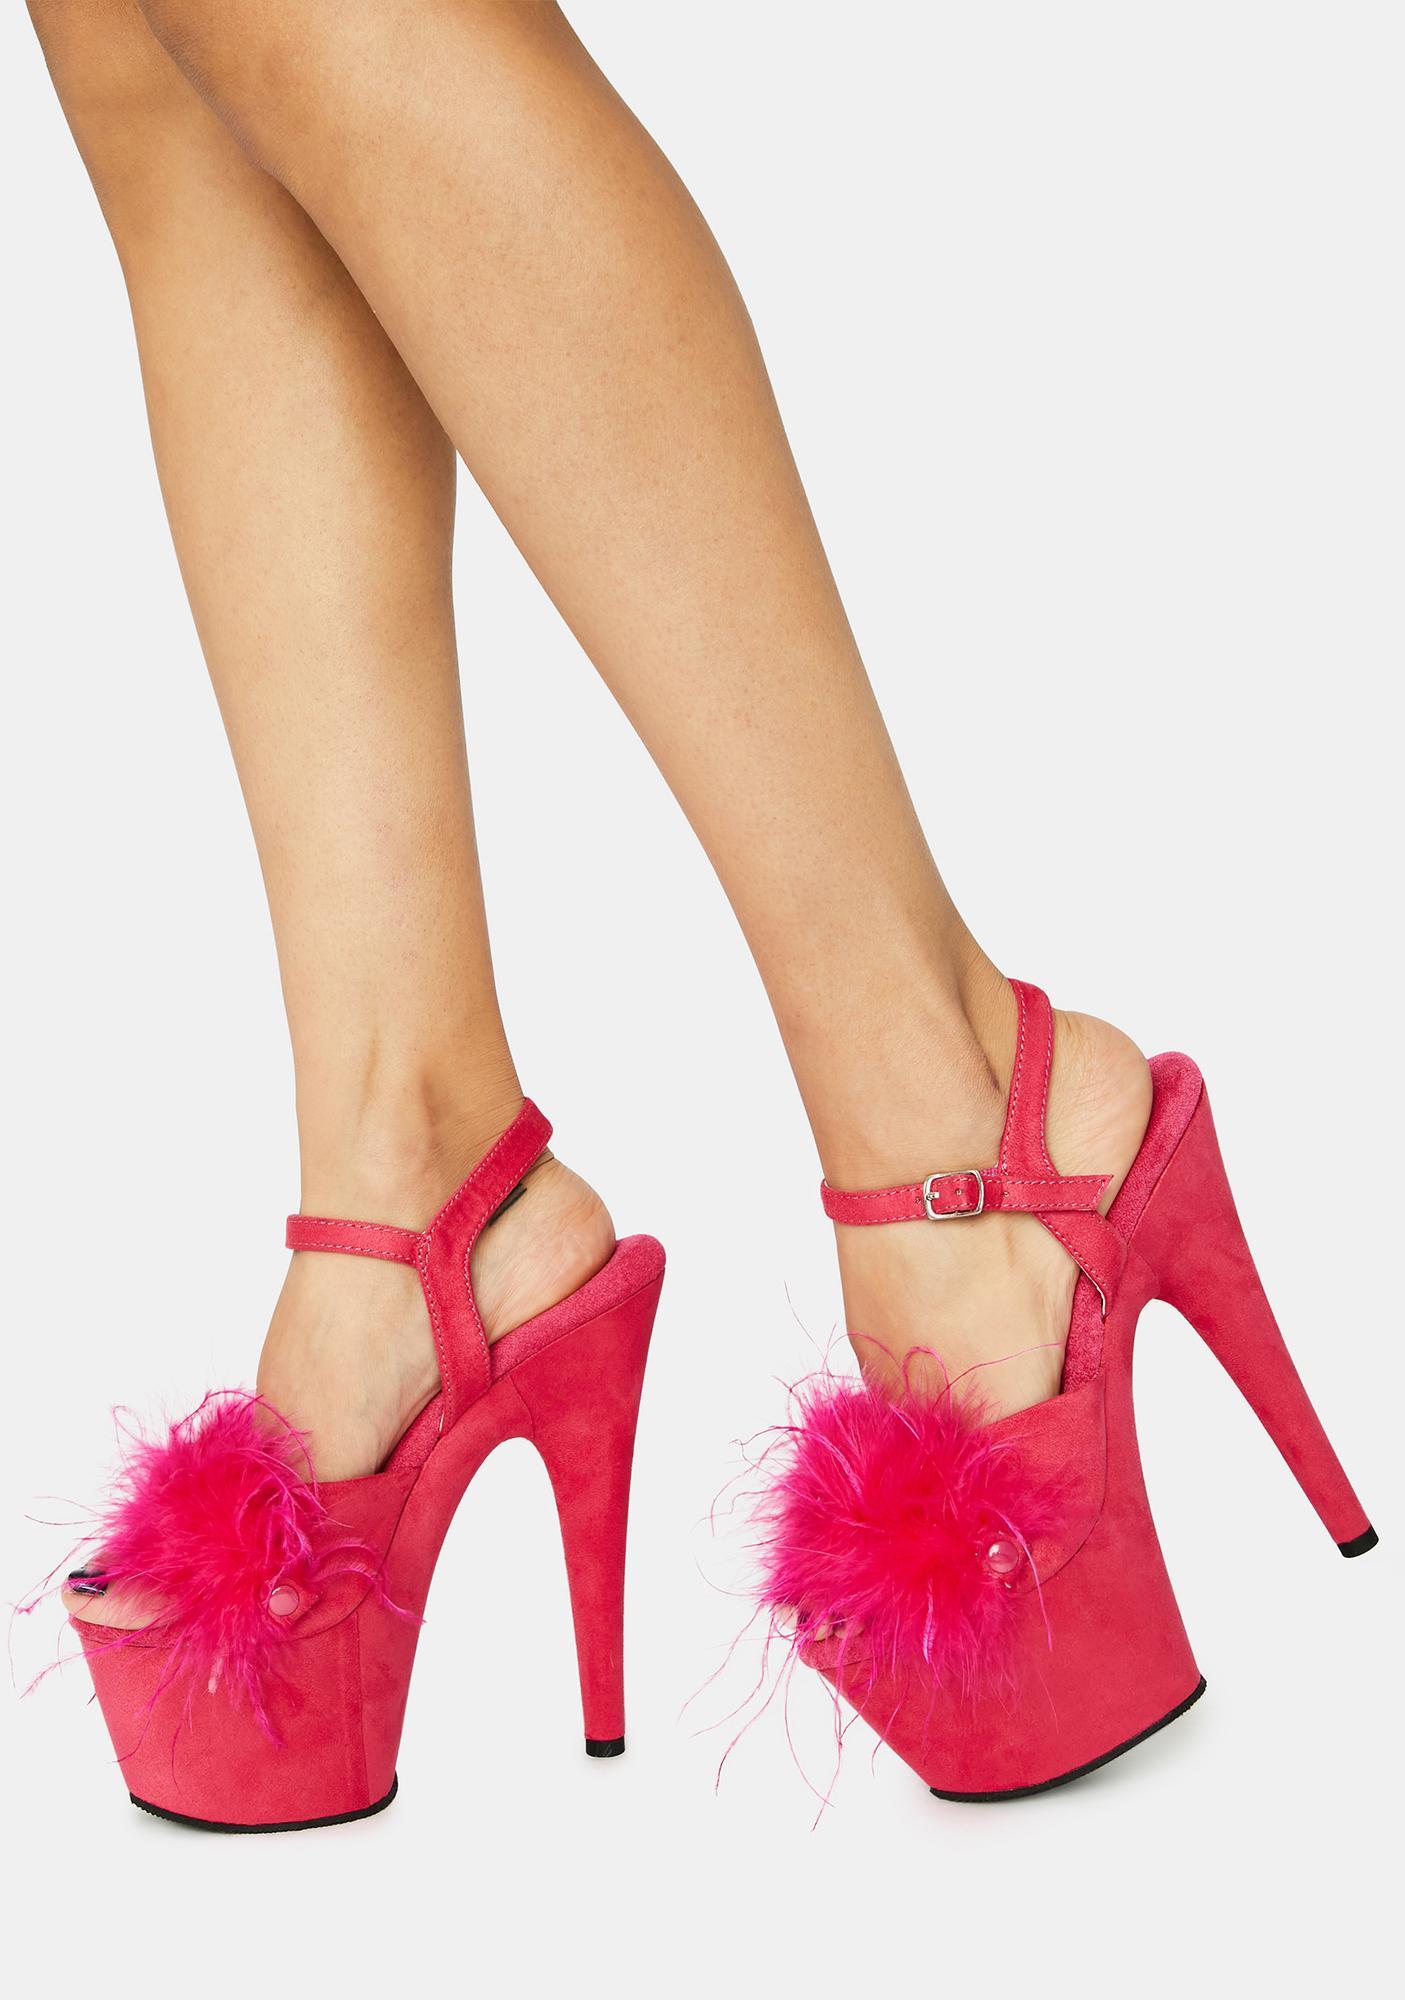 Pleaser Hot Pink Adore Fluffy Heels